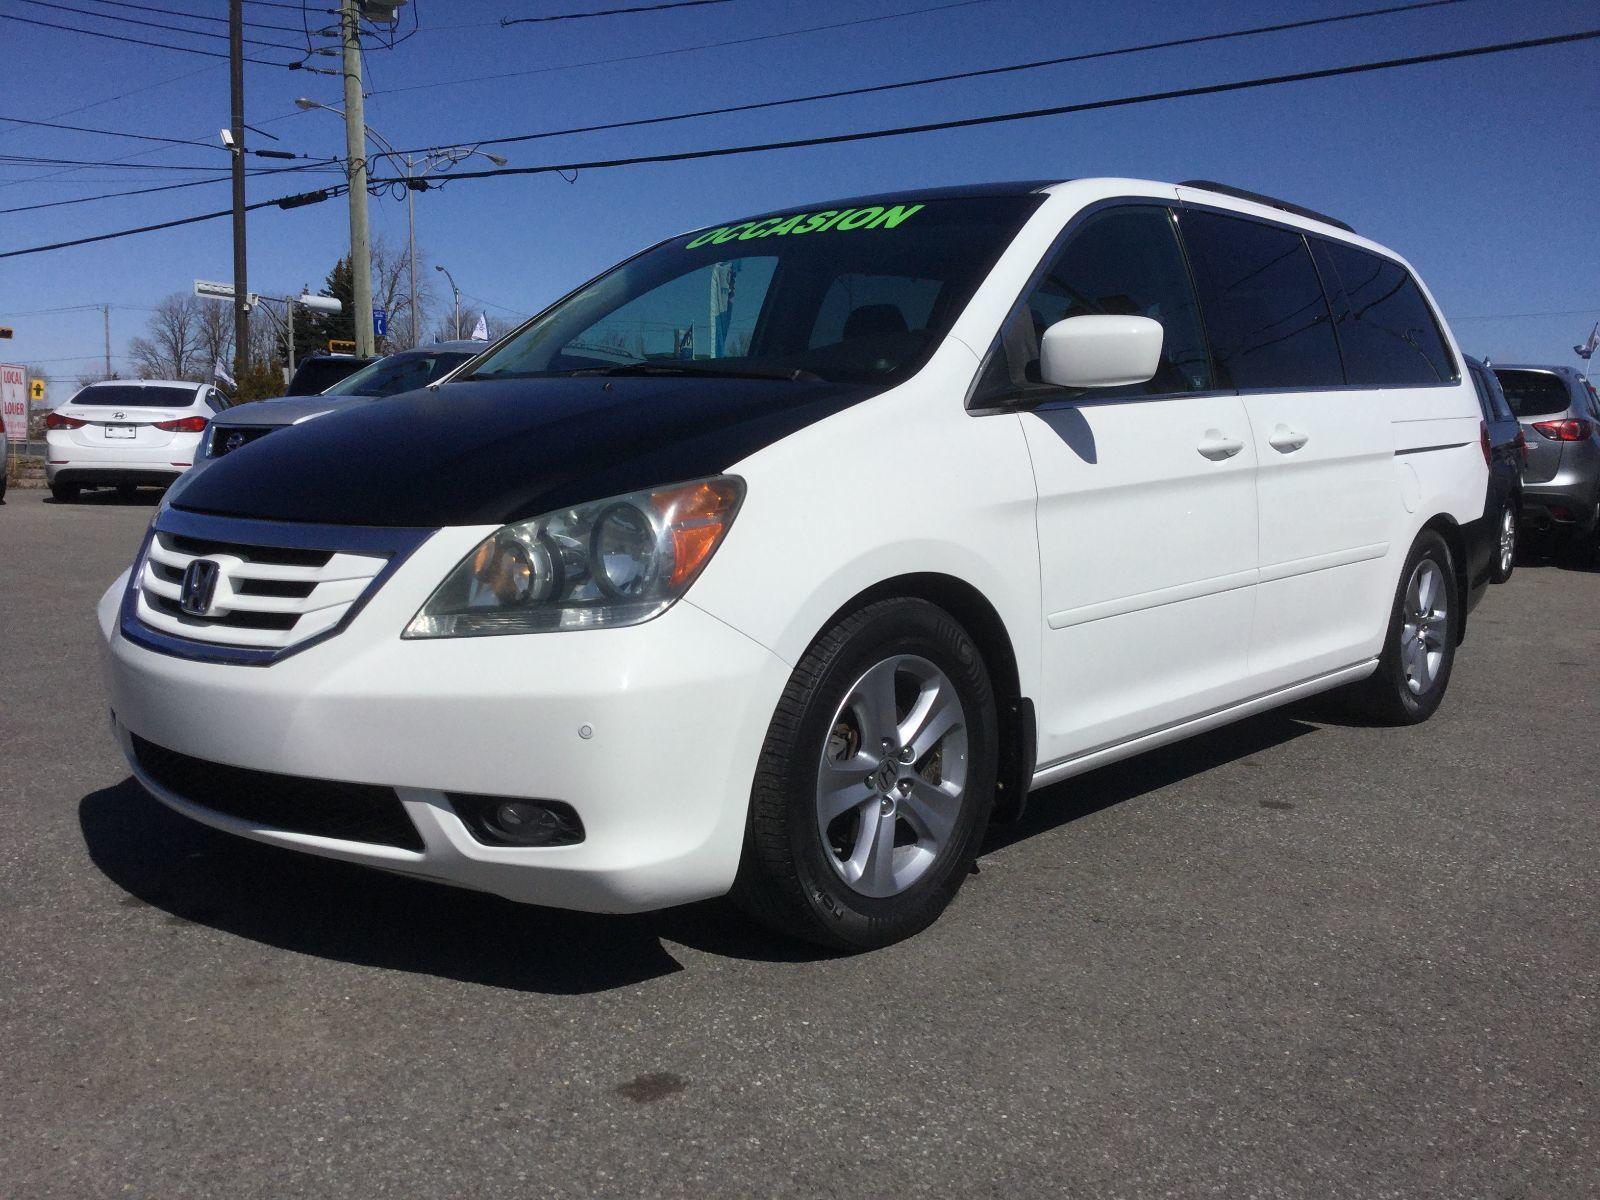 Honda Odyssey **RÉSERVÉ**, EX-L, A/C BIZONE, TOIT, NAVIGATION 2008 JAMAIS ACCIDENTÉ